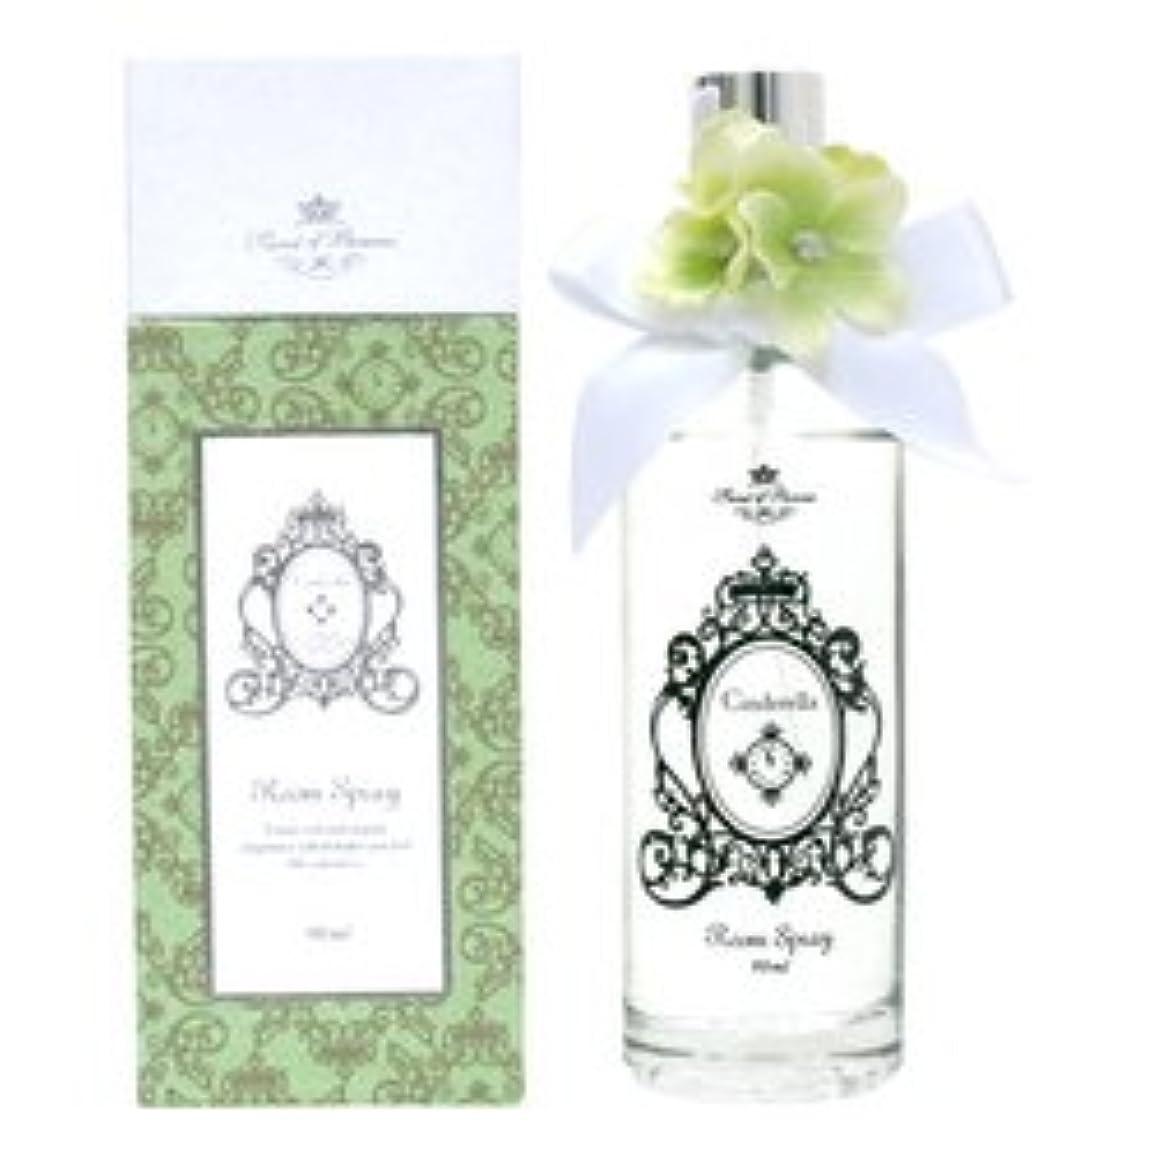 ナイロンパンツあさりシークレットオブプリンセス ルームスプレー シンデレラ 90ml(芳香剤 清楚で気品あるスズランの香り)